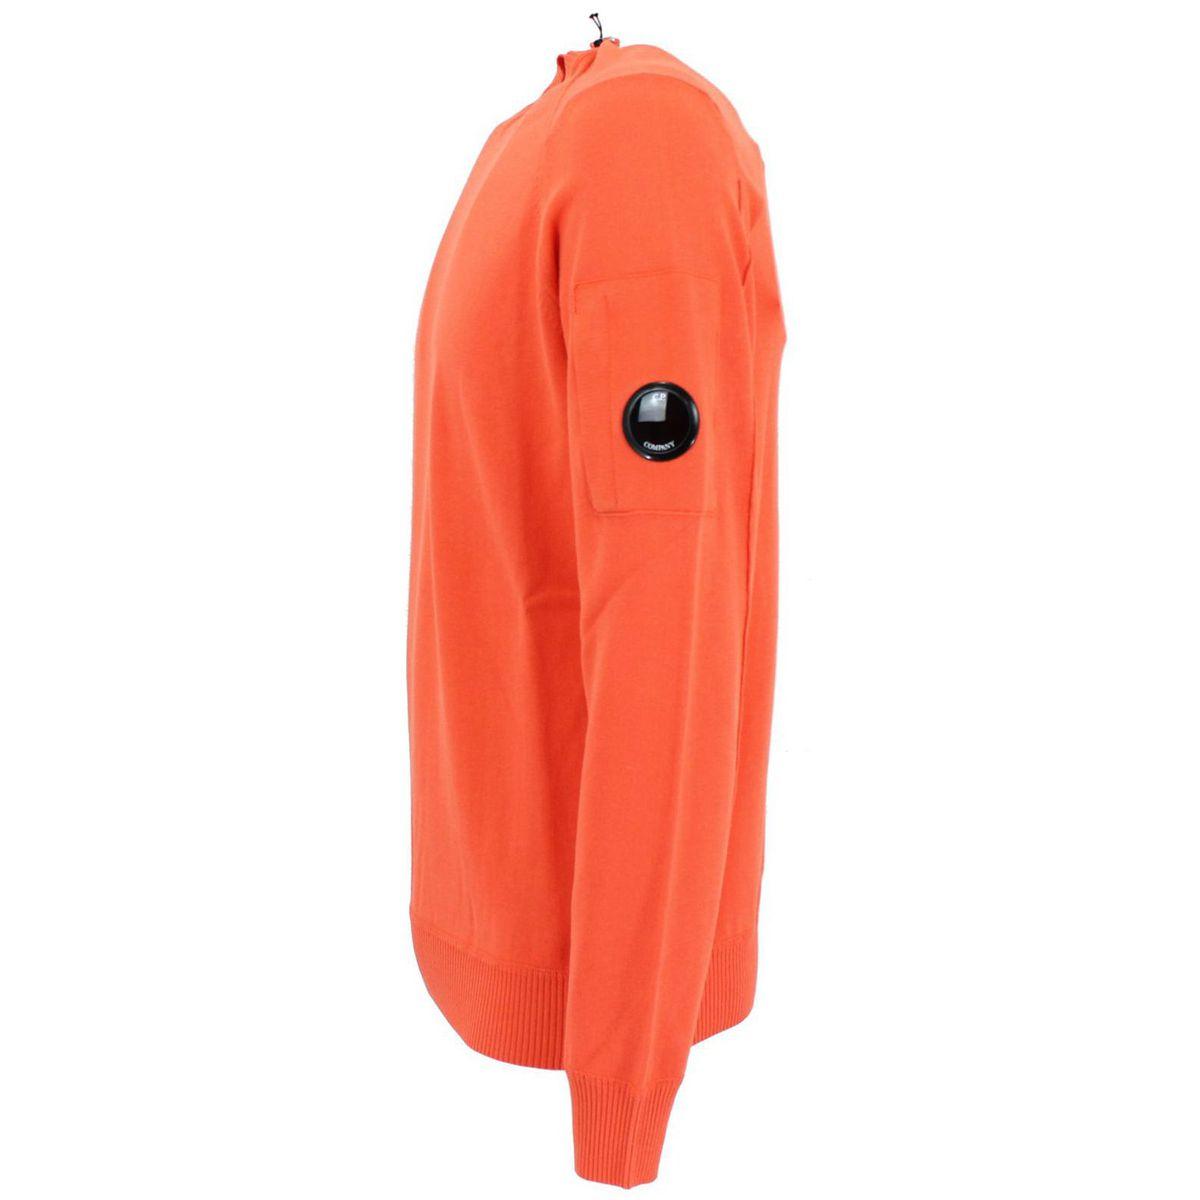 Maglia in cotone con taschino laterale Arancione C.P. Company